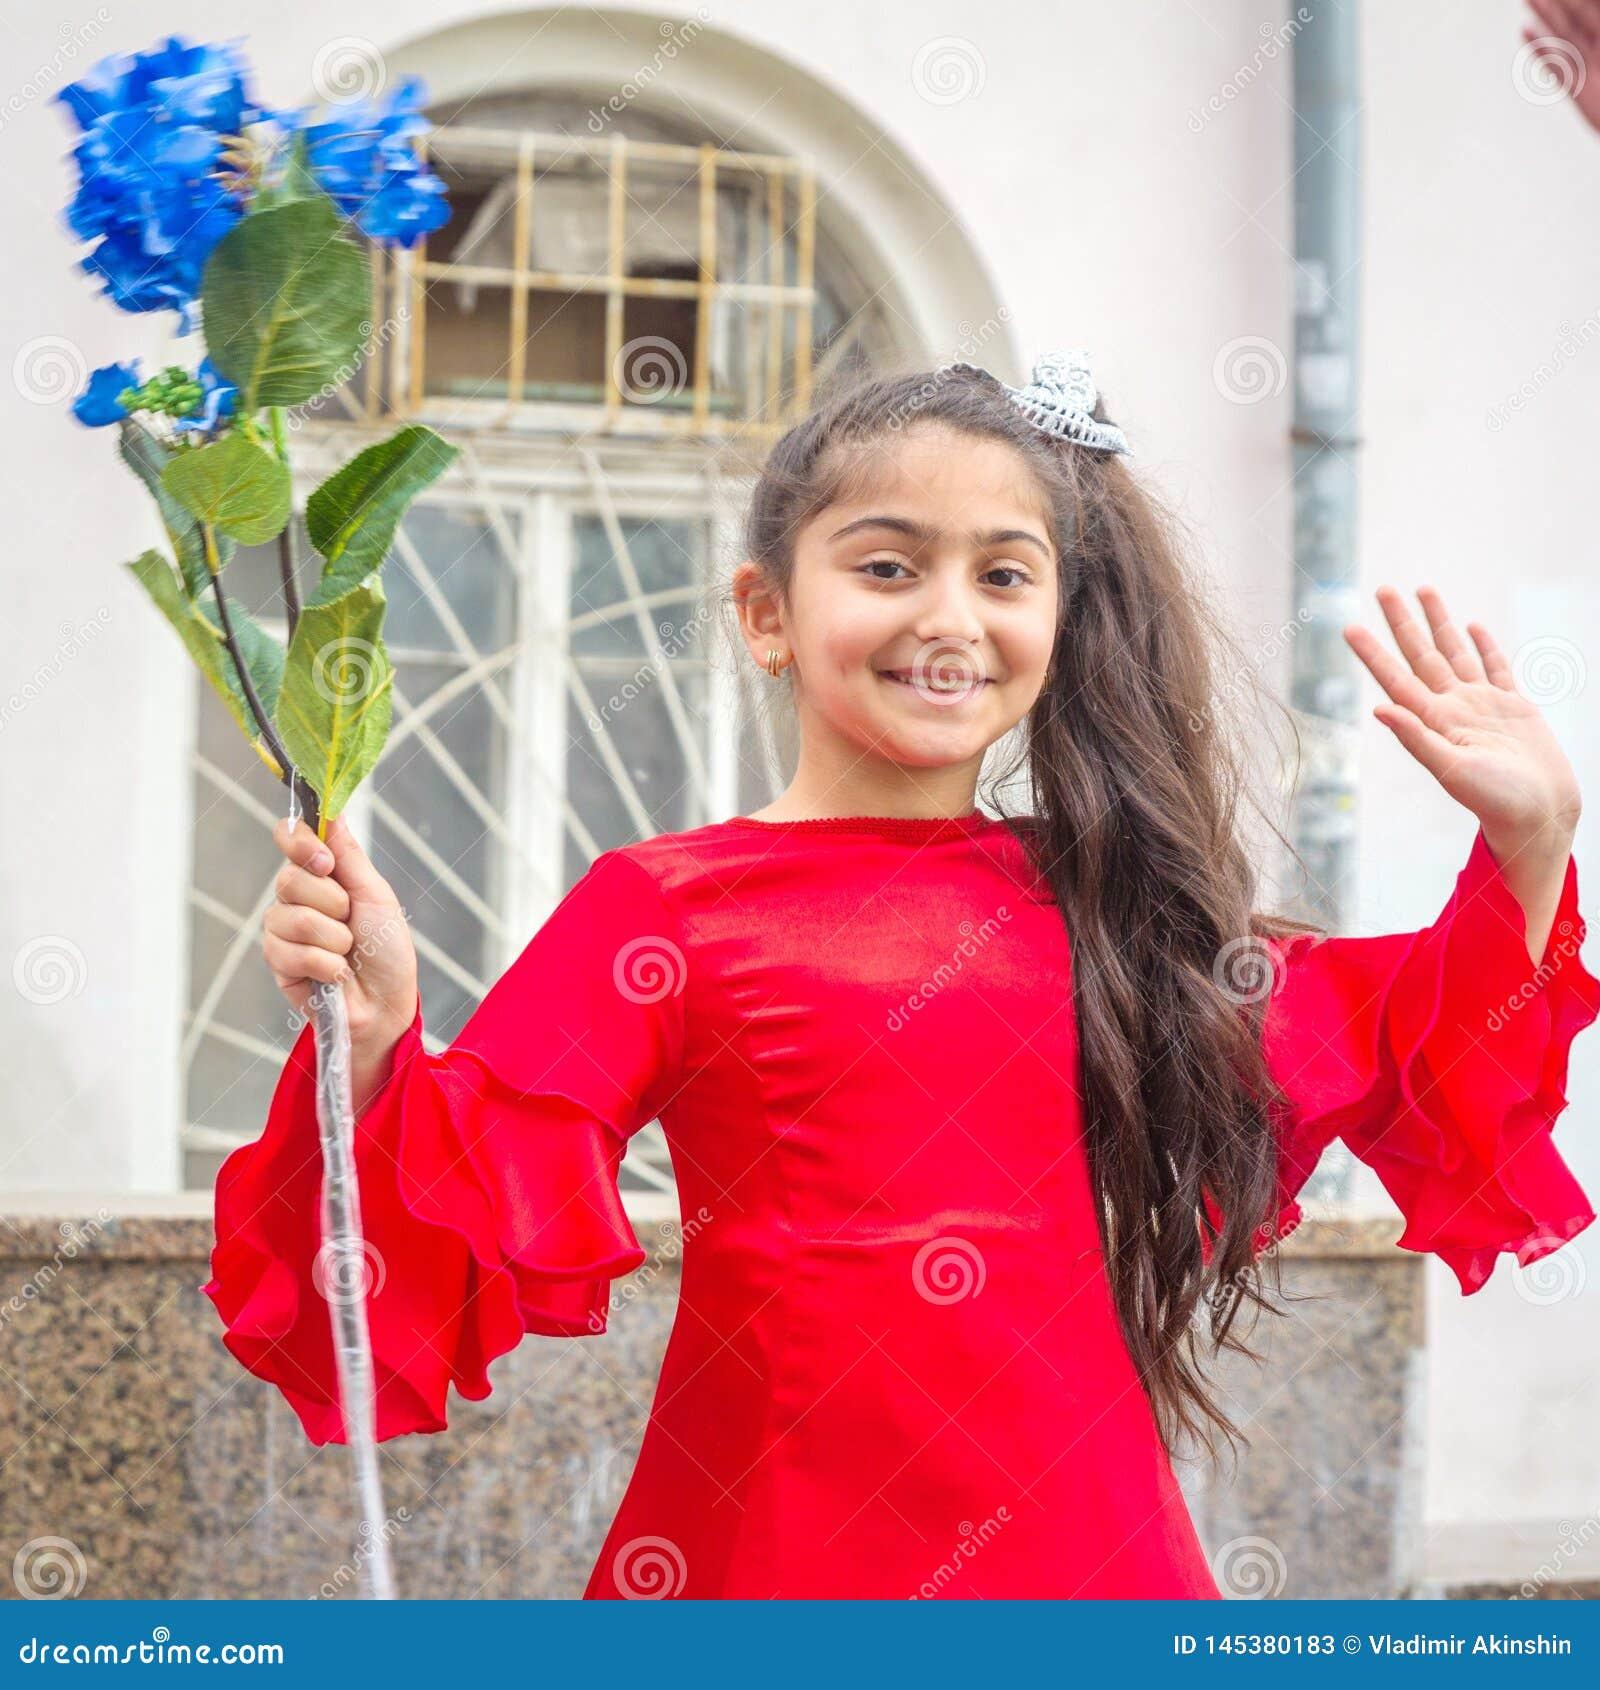 Een meisje in een mooie kleding bij een feestelijke optocht van gediplomeerden van scholen